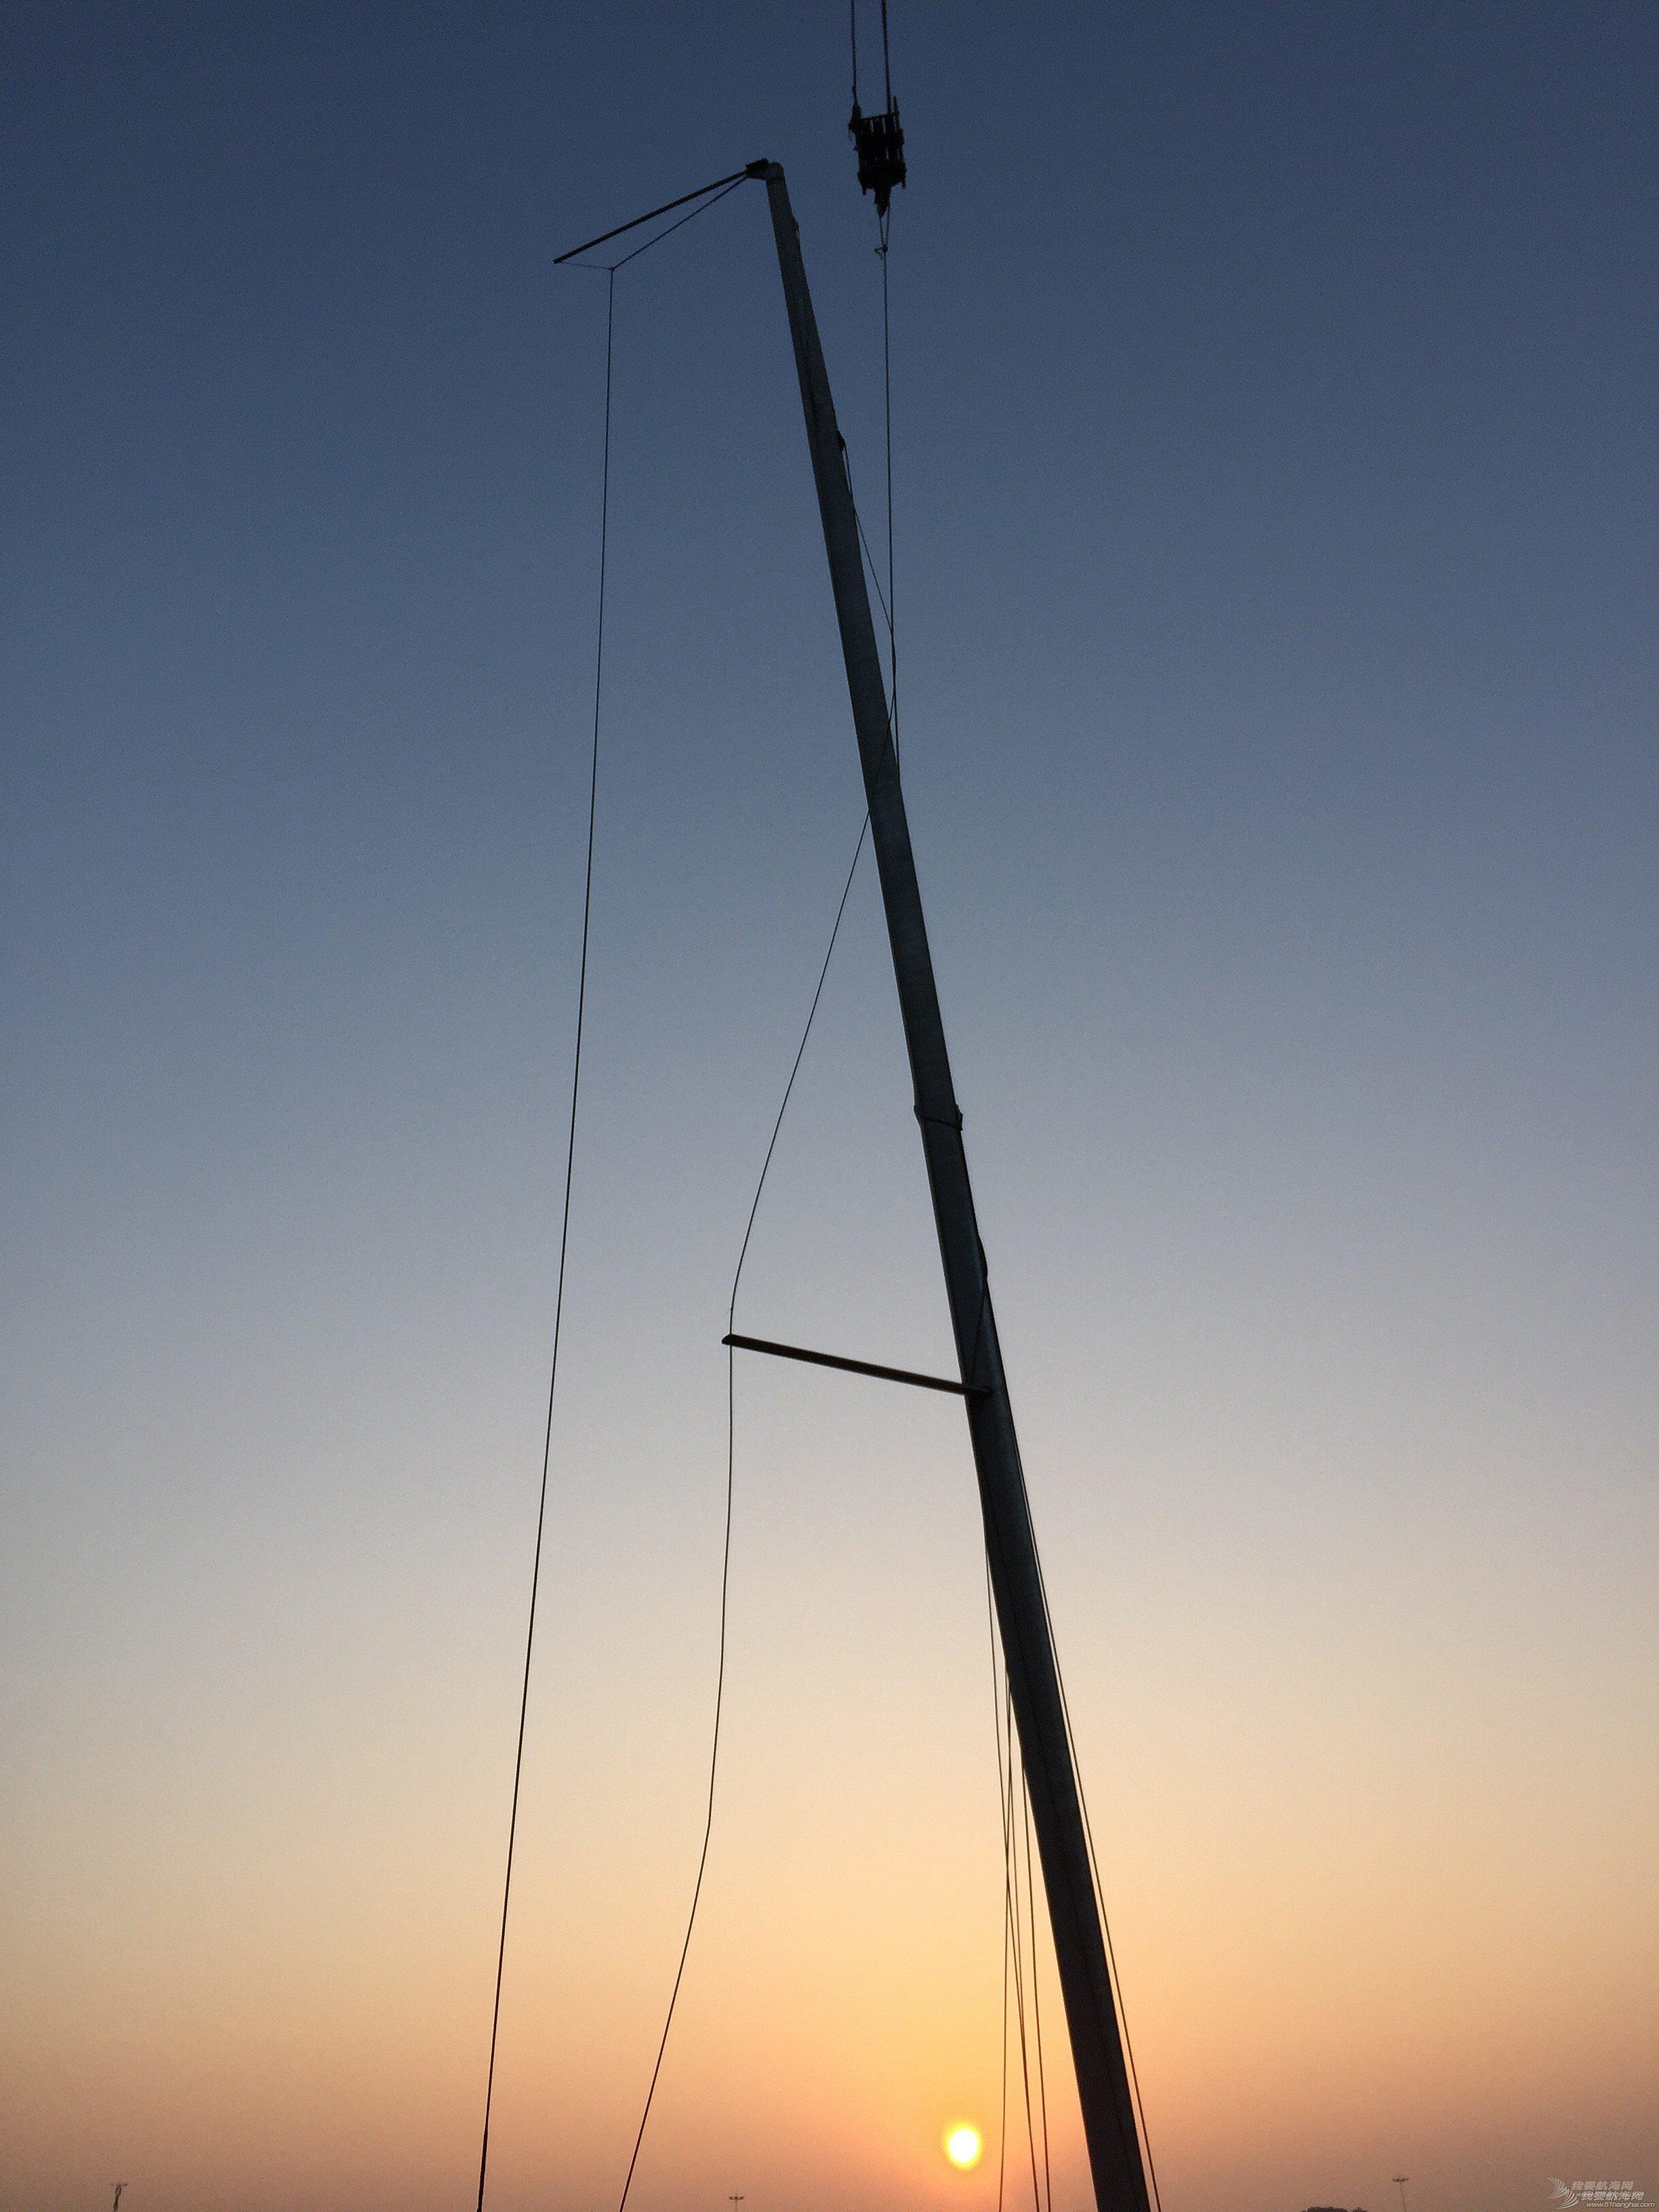 【公益航海志愿者日记@日照】Day29-记威海国际帆船赛第一天-拆完桅杆去参加比赛喽